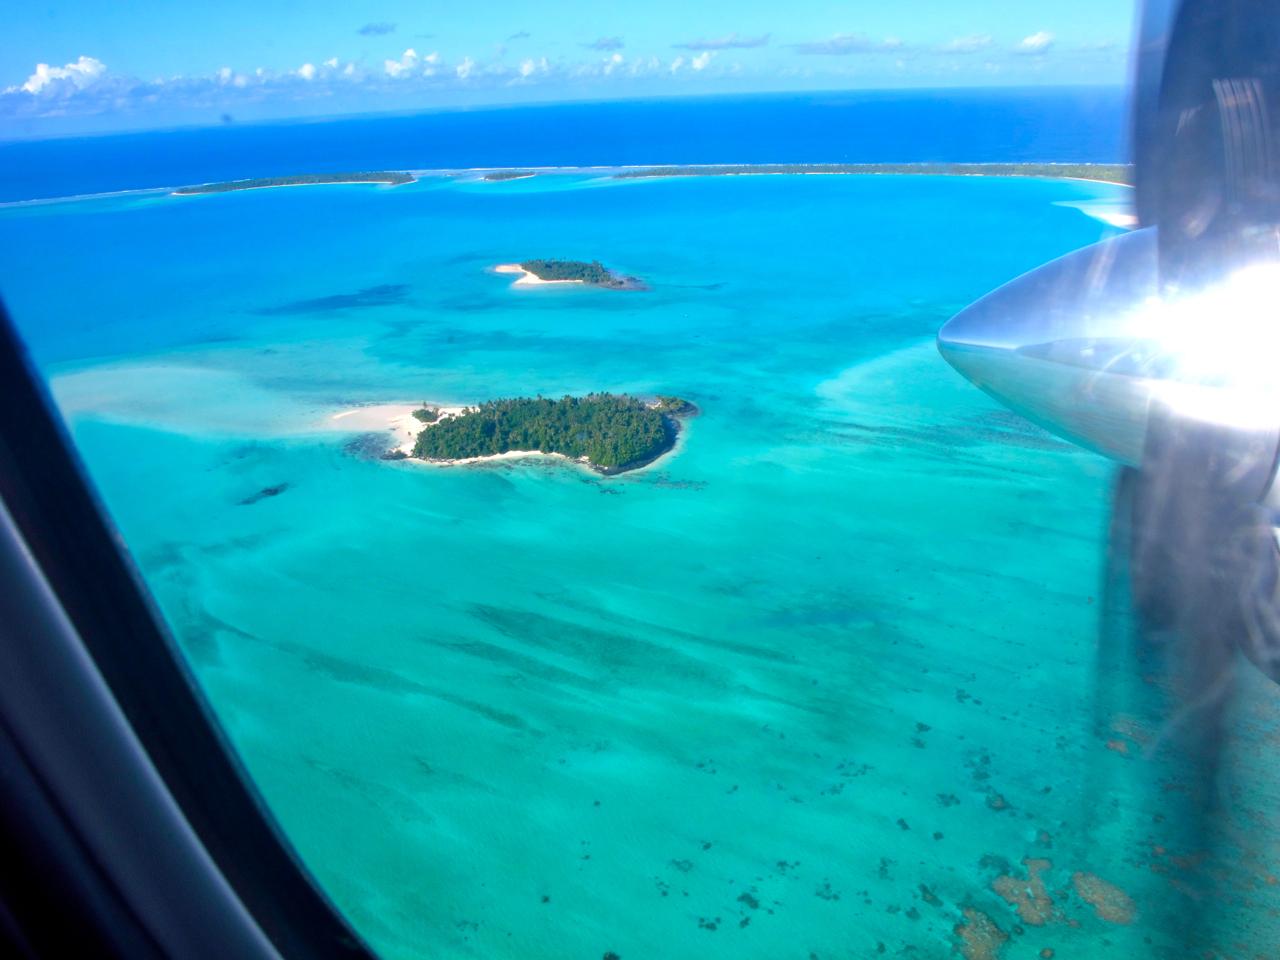 Aitutaki 2 aerial photograph